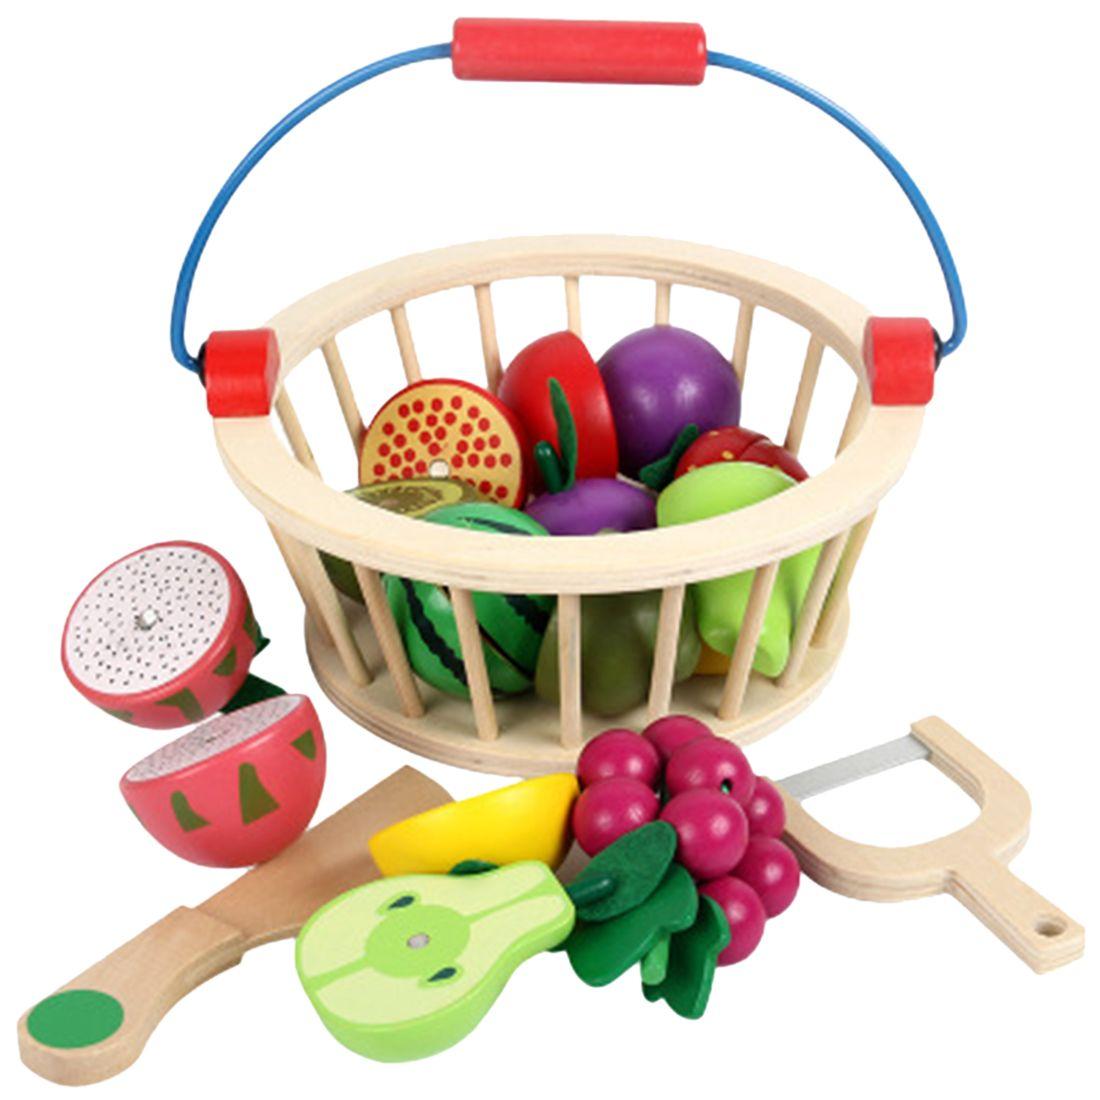 купить оптом мать сад деревянная корзина кухня игрушки дети нарезка фруктов овощей игра миниатюрная еда малыш ребенок раннего образования играть